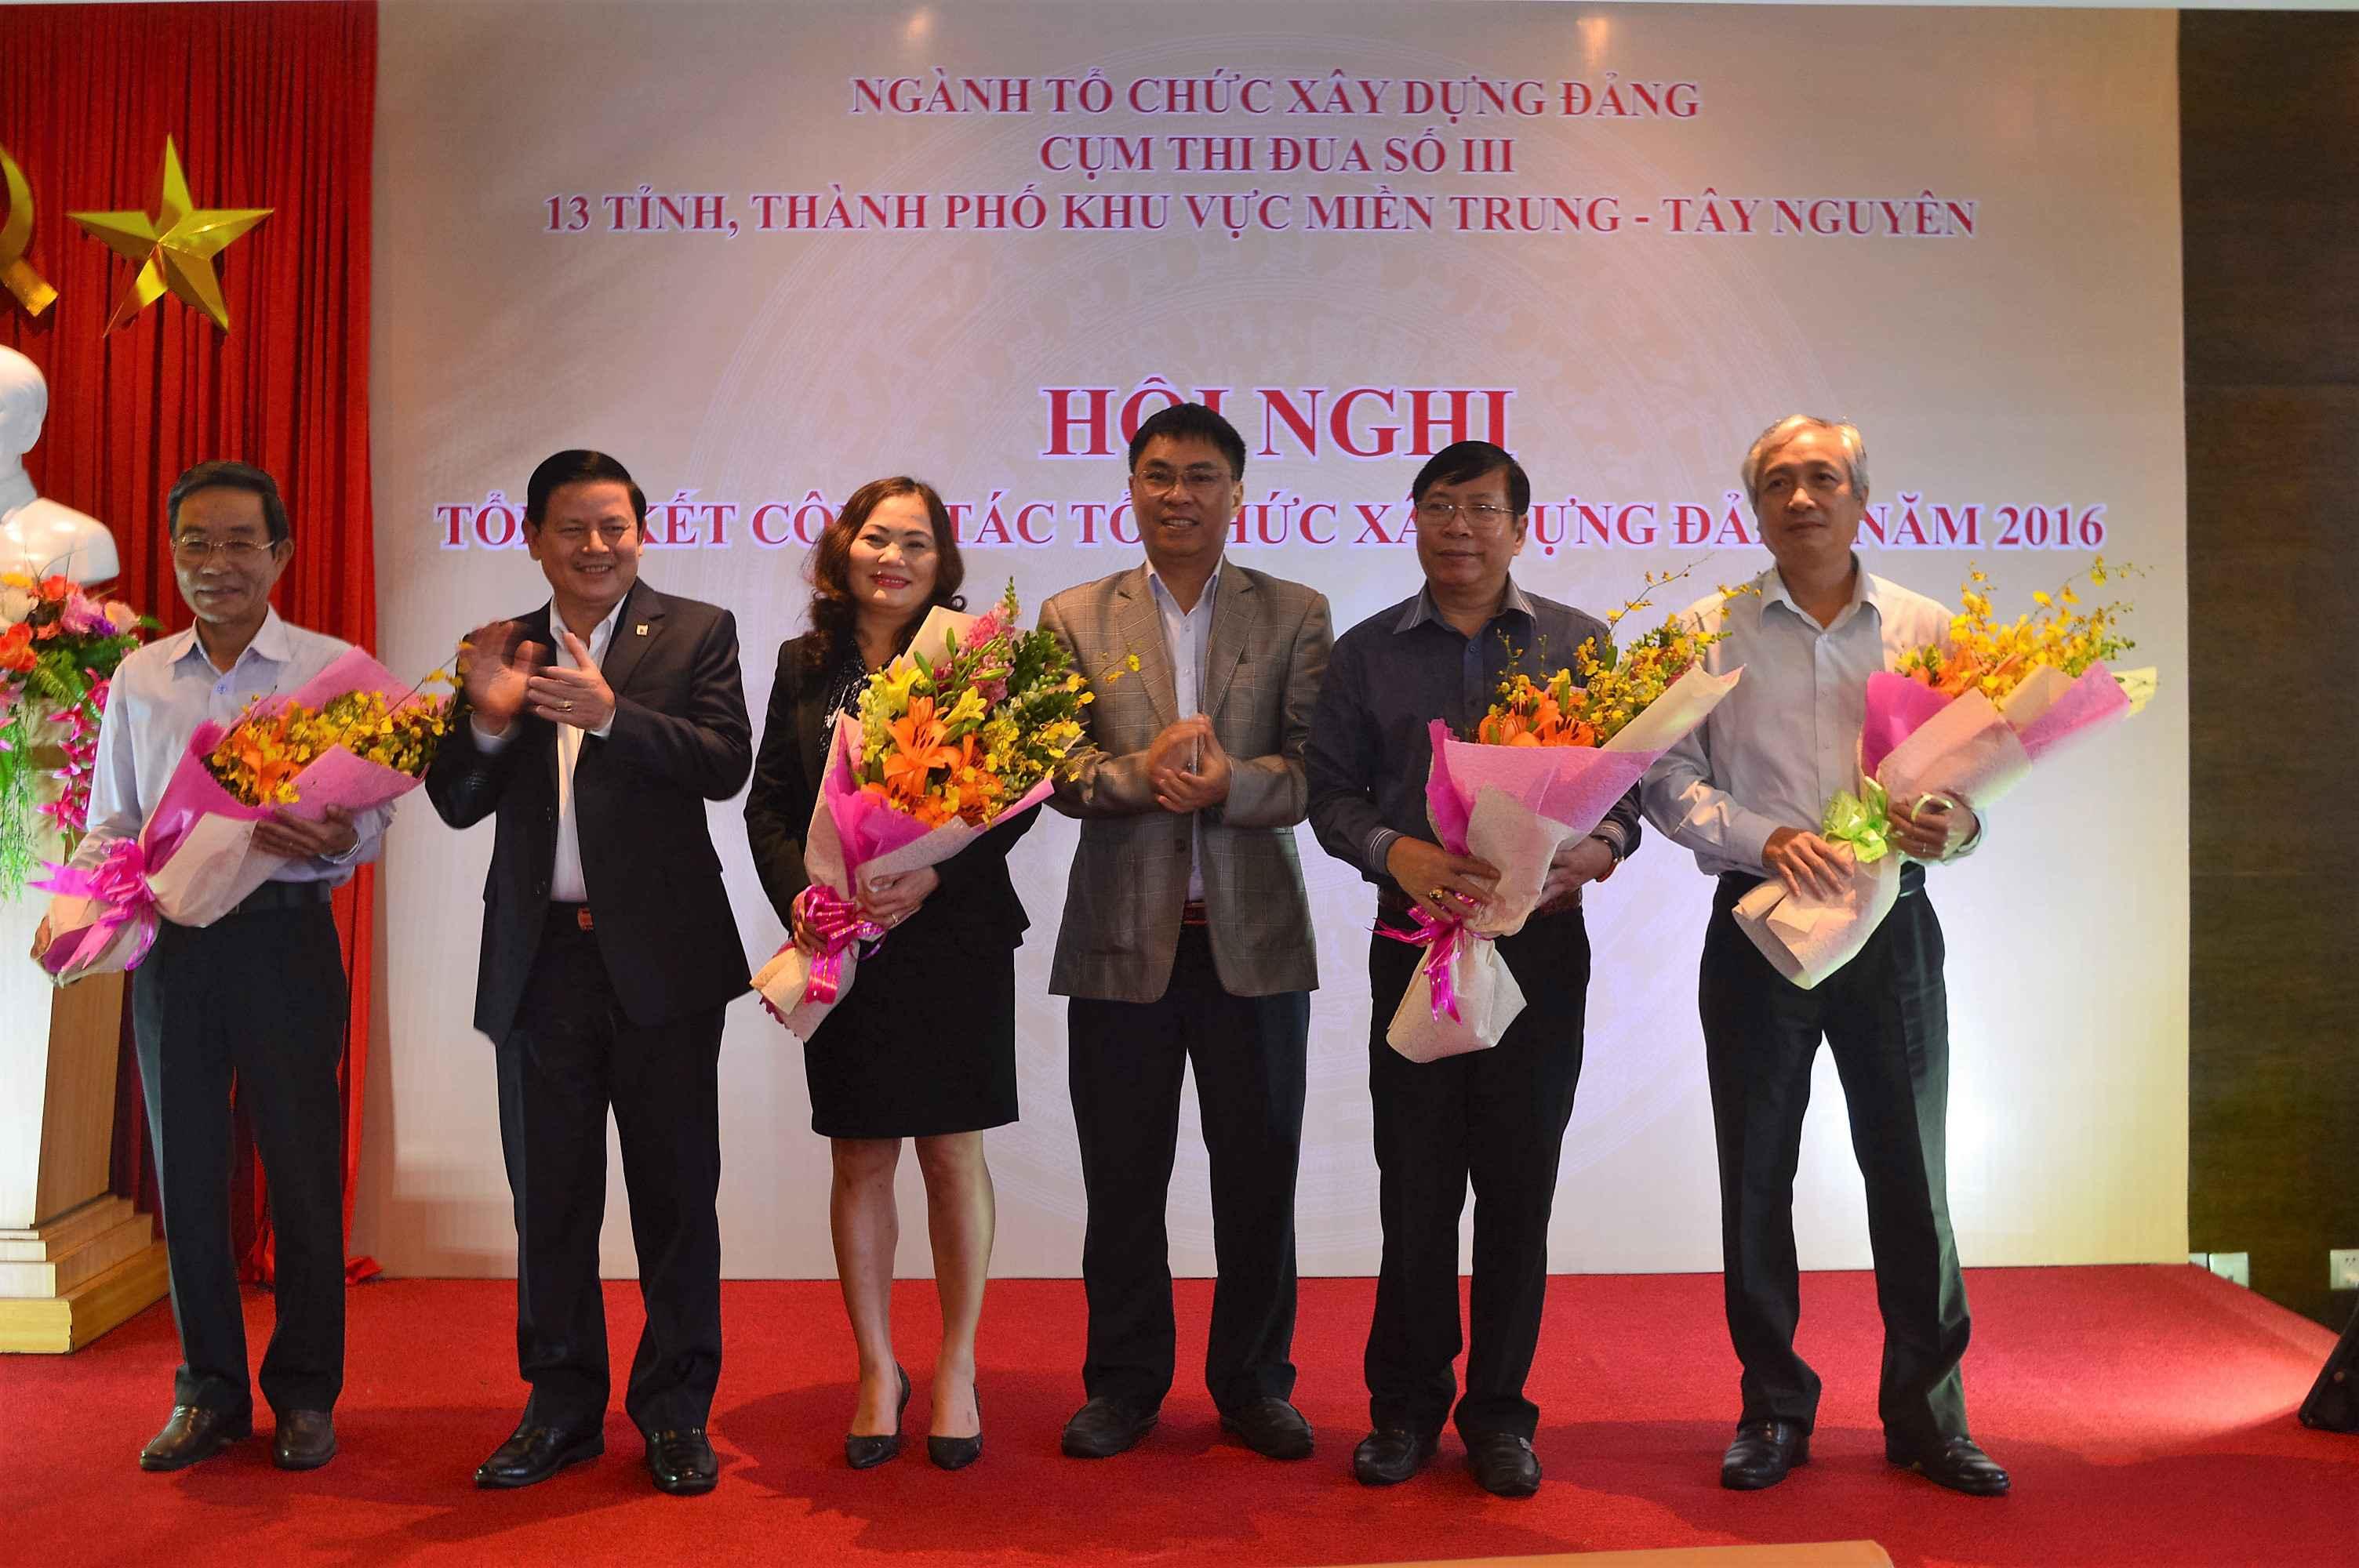 Ban Tổ chức Tỉnh ủy Quảng Nam được tín nhiệm cho chức danh cụm phó trong năm 2017. Ảnh: Q.T